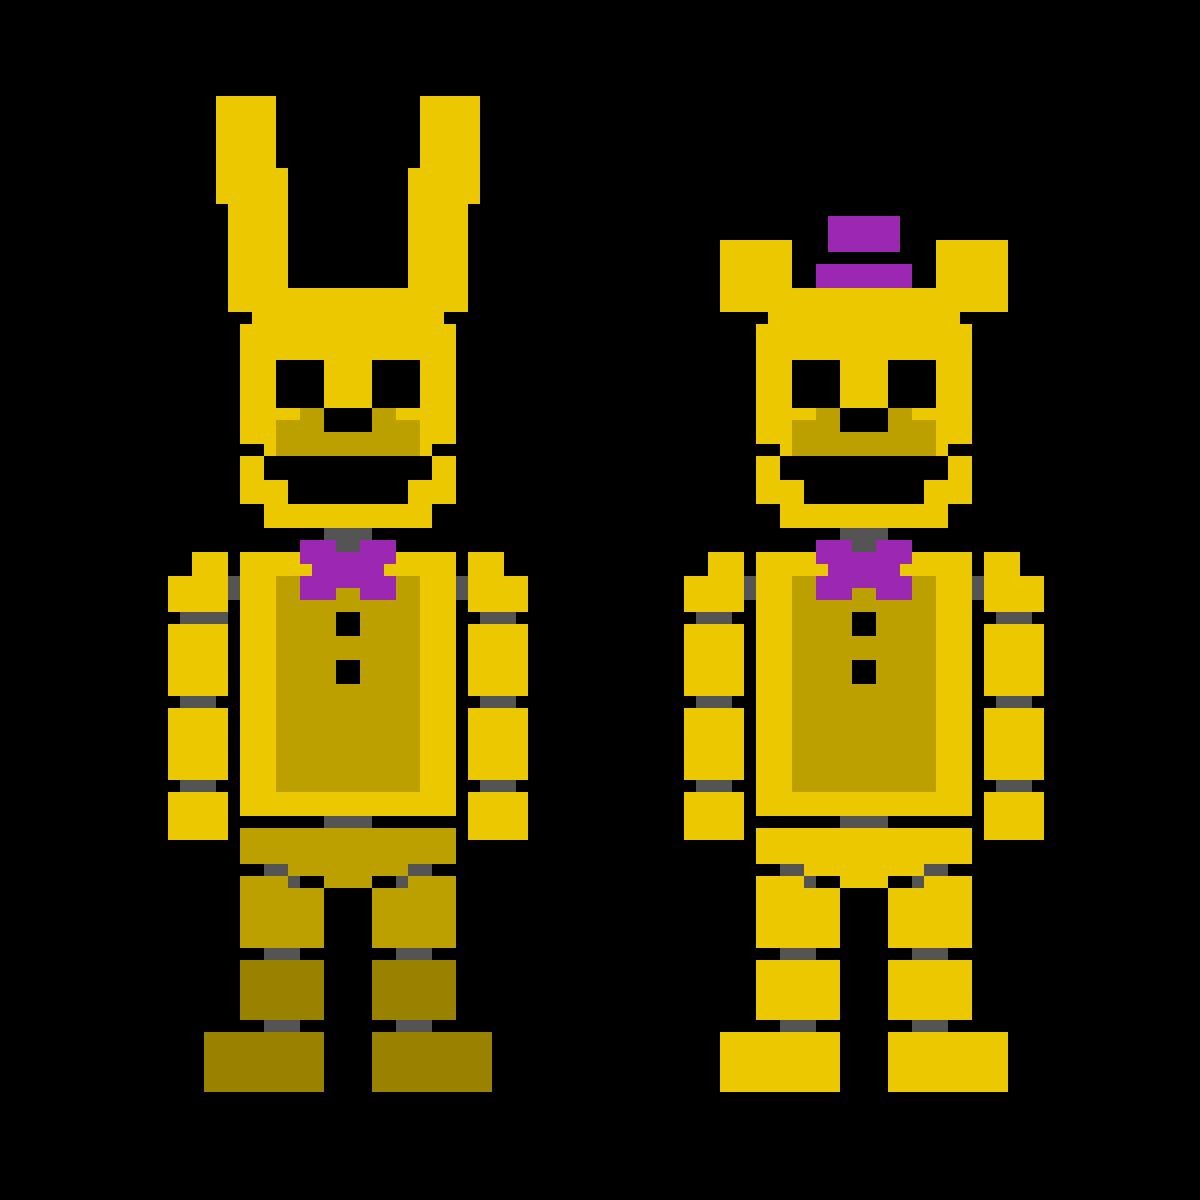 Fredbear and Spring Bonnie (fandom edition) by crazycreeper529